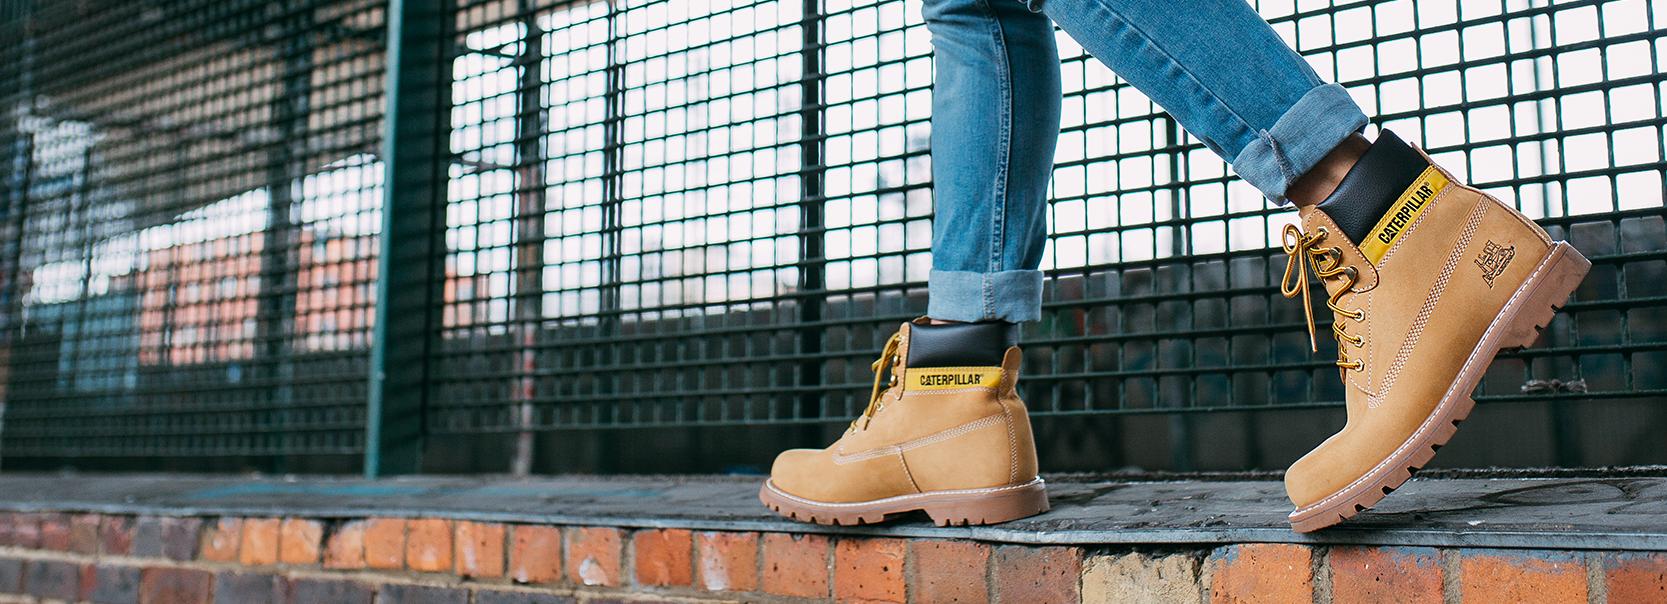 Men S Shoes Caterpillar Holton Sb E Fo Hro Src Chelsea Boots Boots Shoes